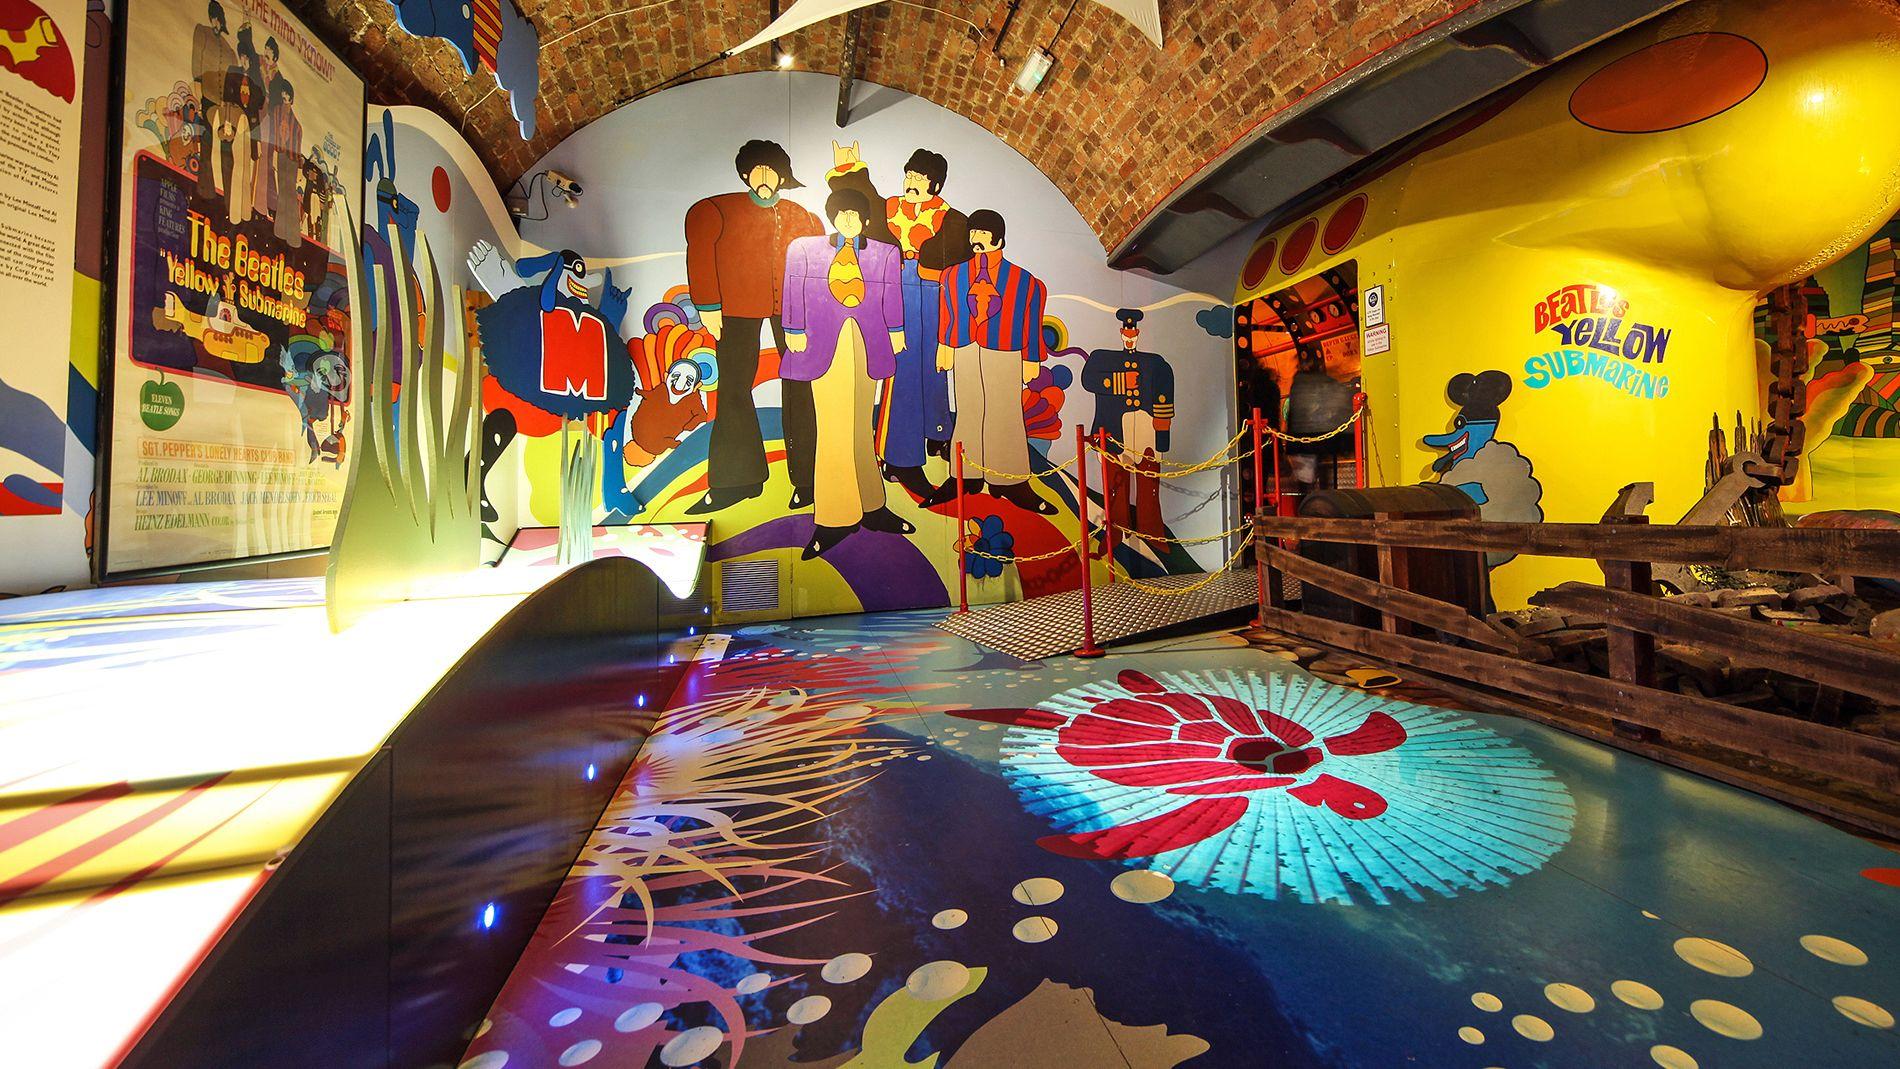 Beatles story exhibit